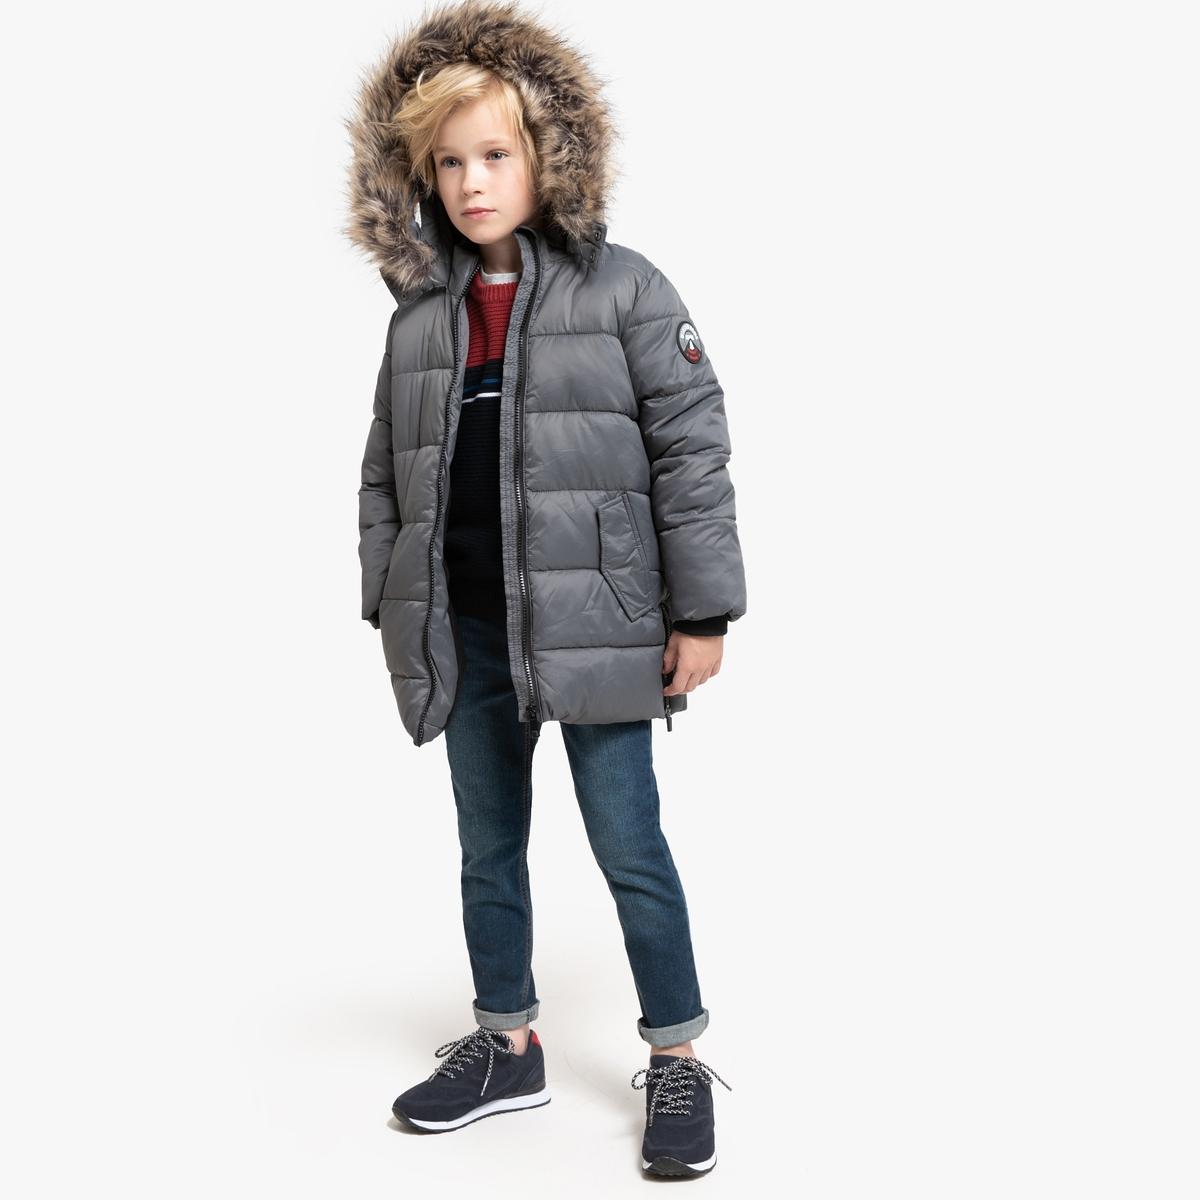 Куртка La Redoute Стеганая длинная с утепленным капюшоном 3 года - 94 см серый